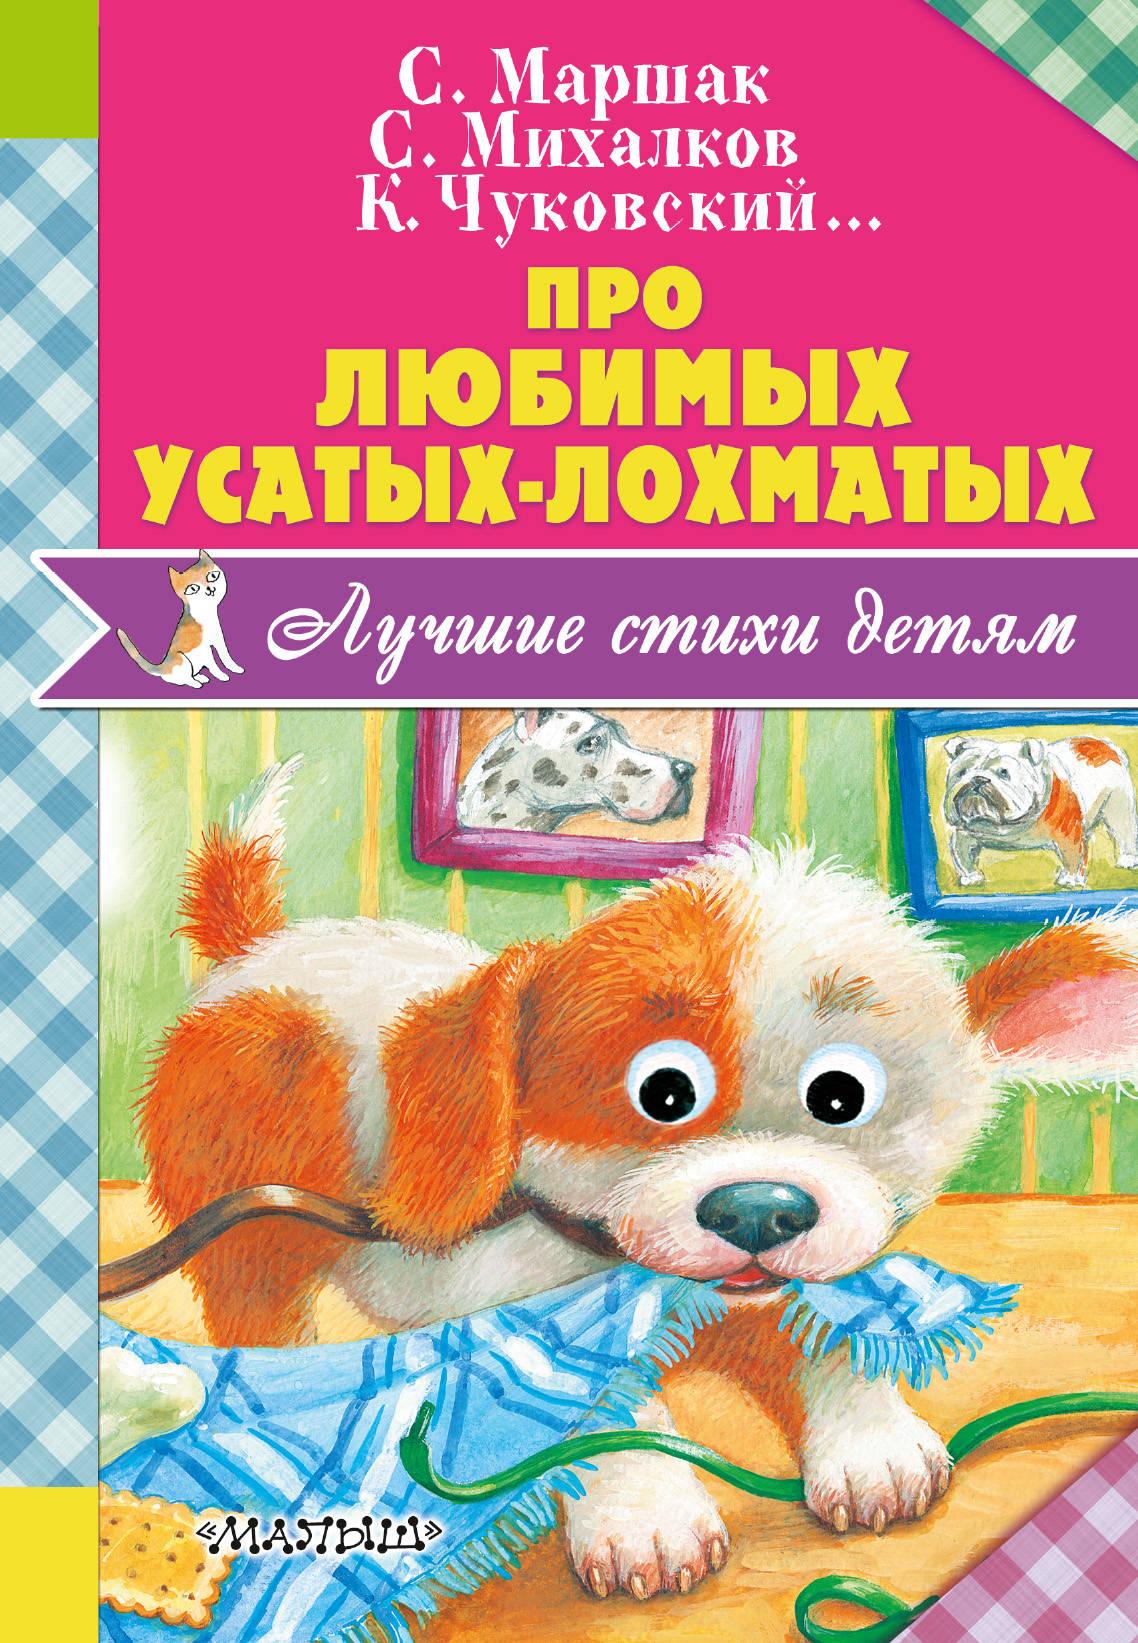 Про любимых усатых-лохматых, Маршак Самуил Яковлевич